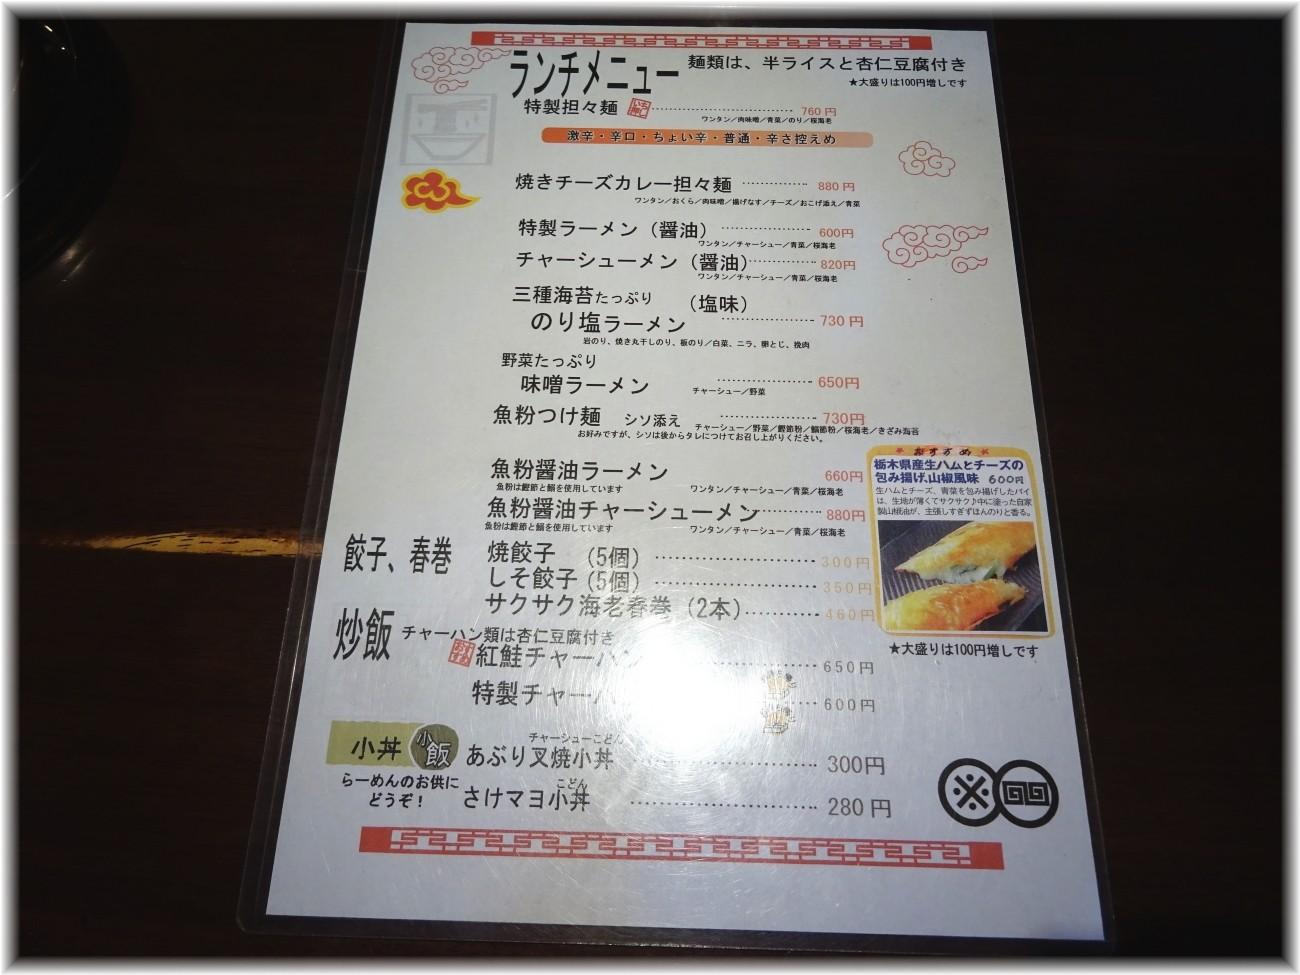 ユタの店 ランチメニュー